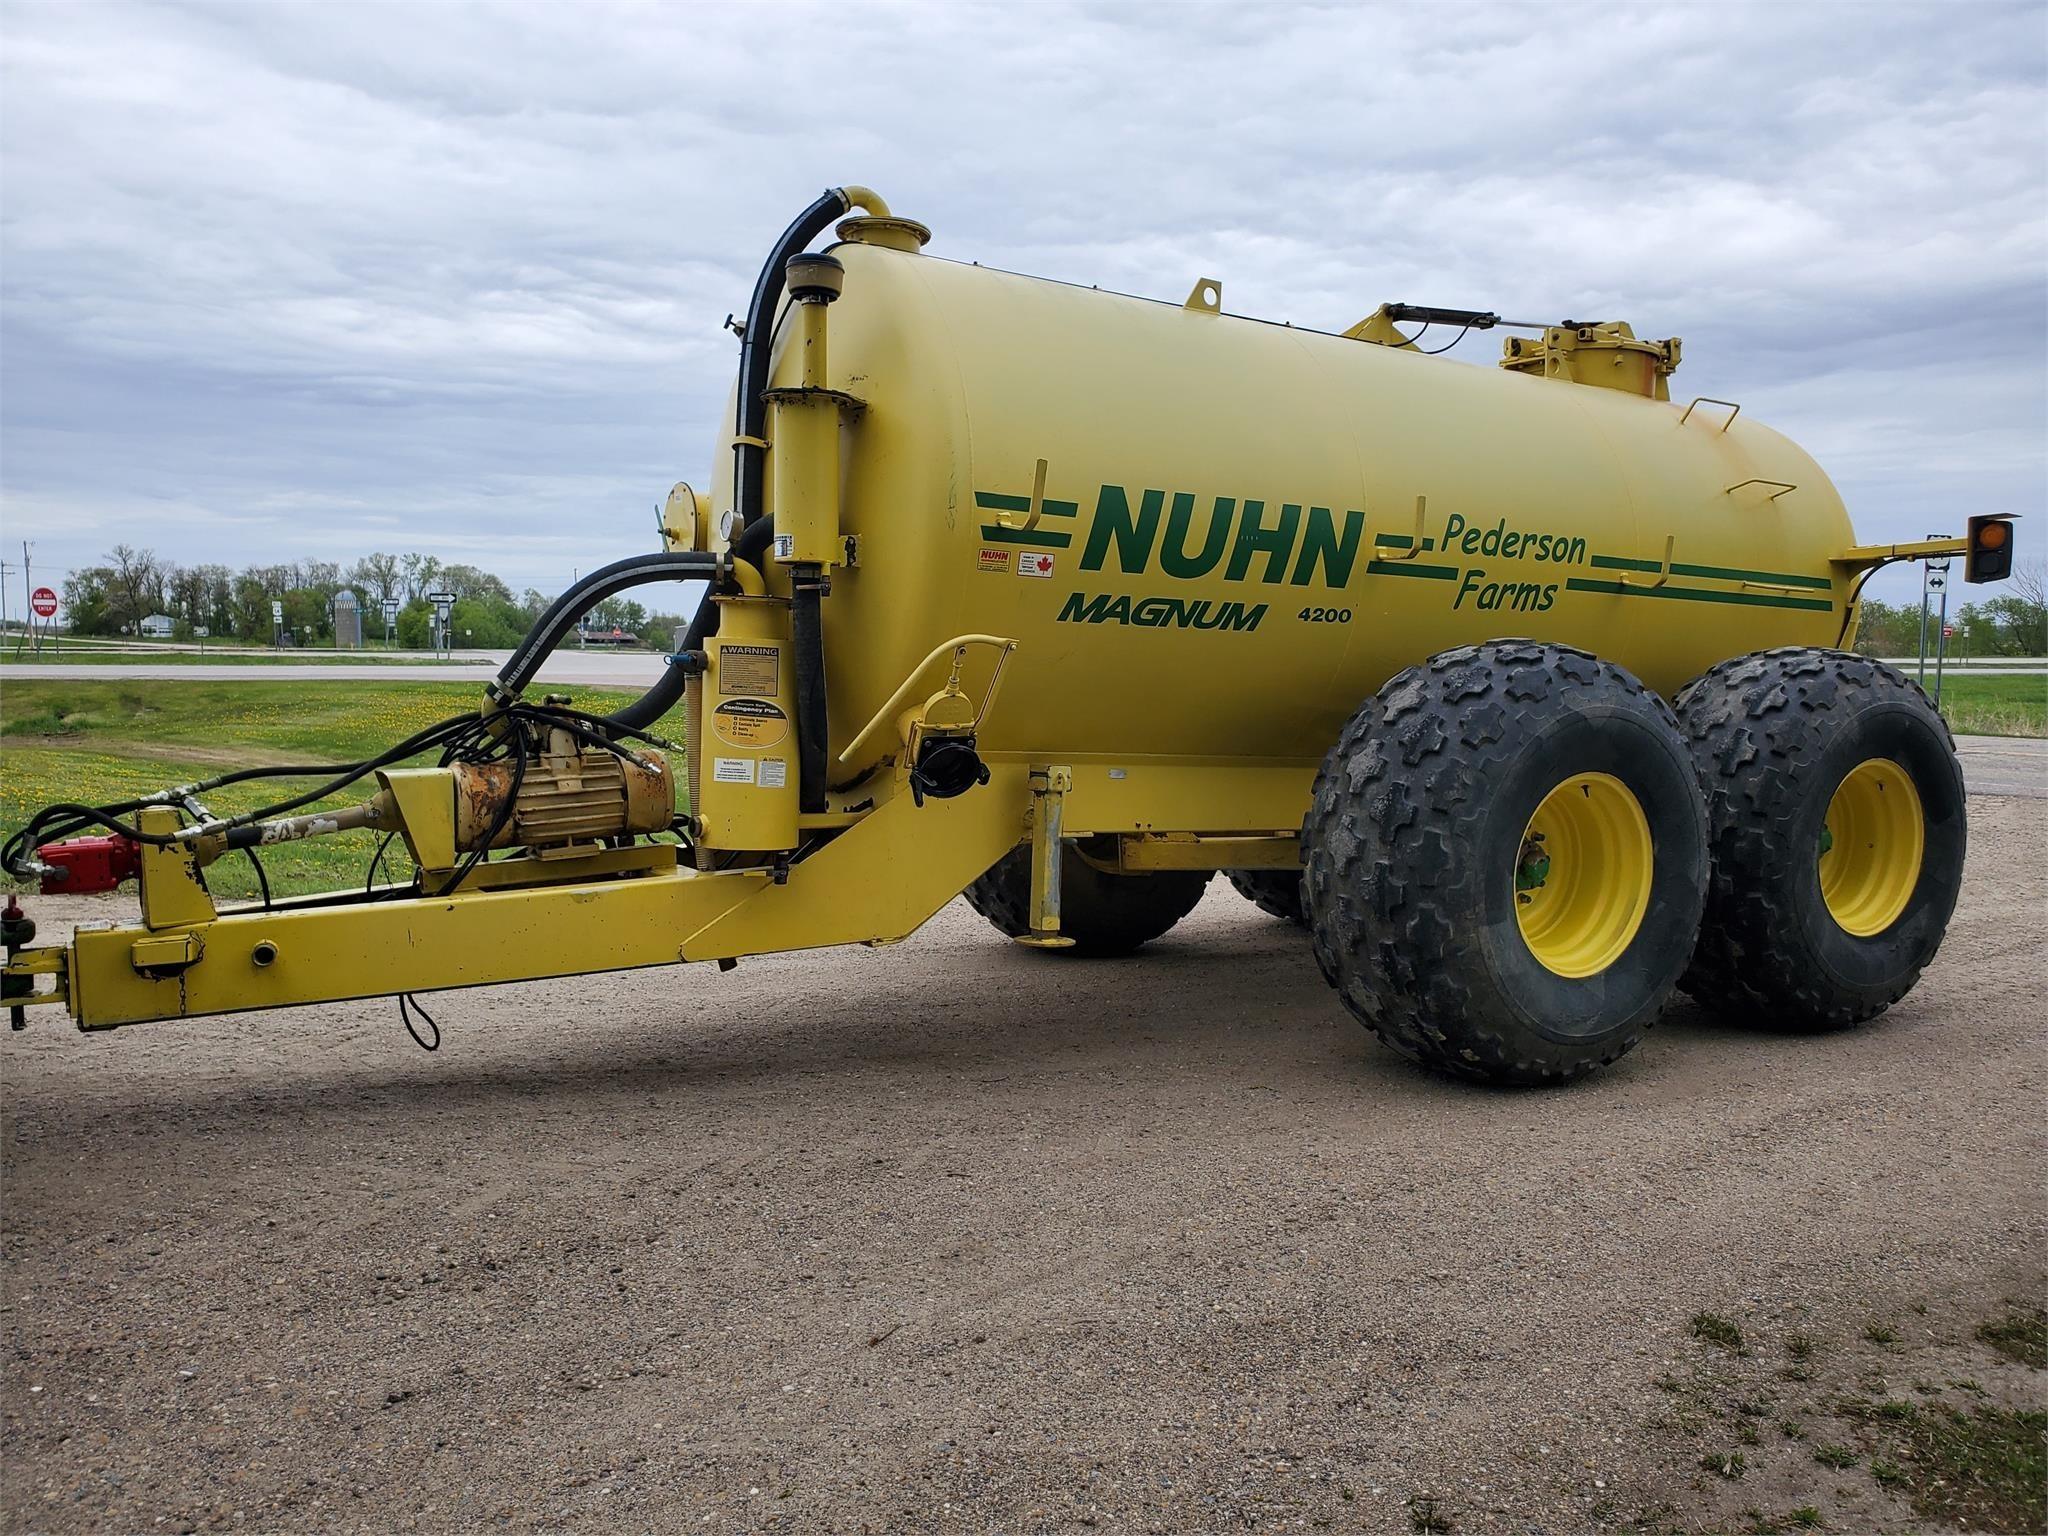 Nuhn 4200 Manure Spreader